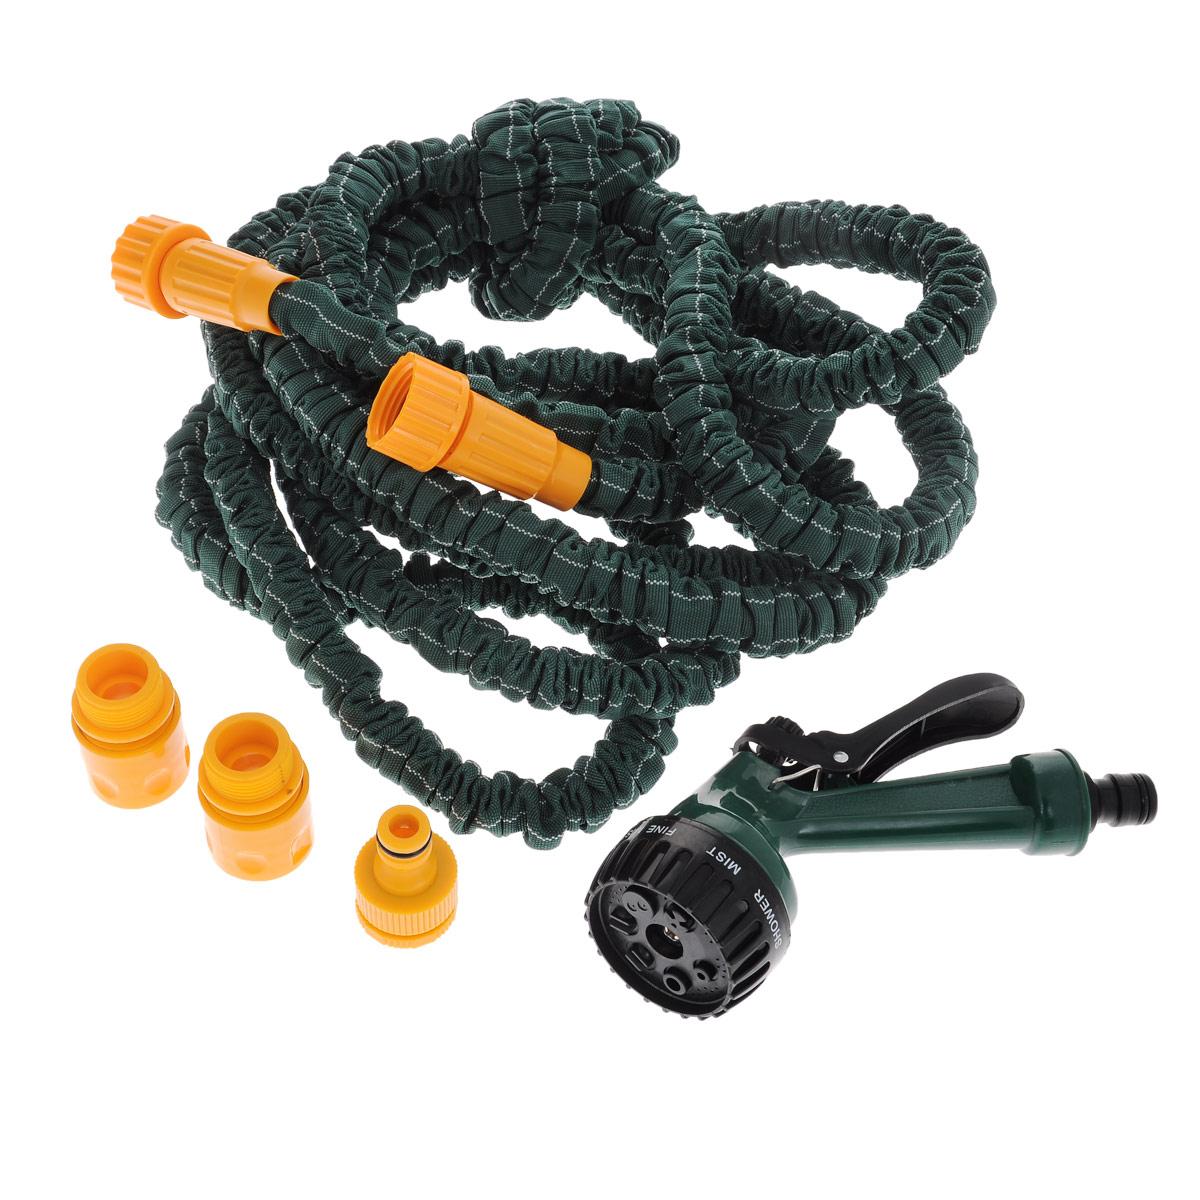 """Шланг садовый Bradex """"Pocket Hose Ultra"""", с лейкой, цвет: зеленый, 5-15 м TD 0257"""